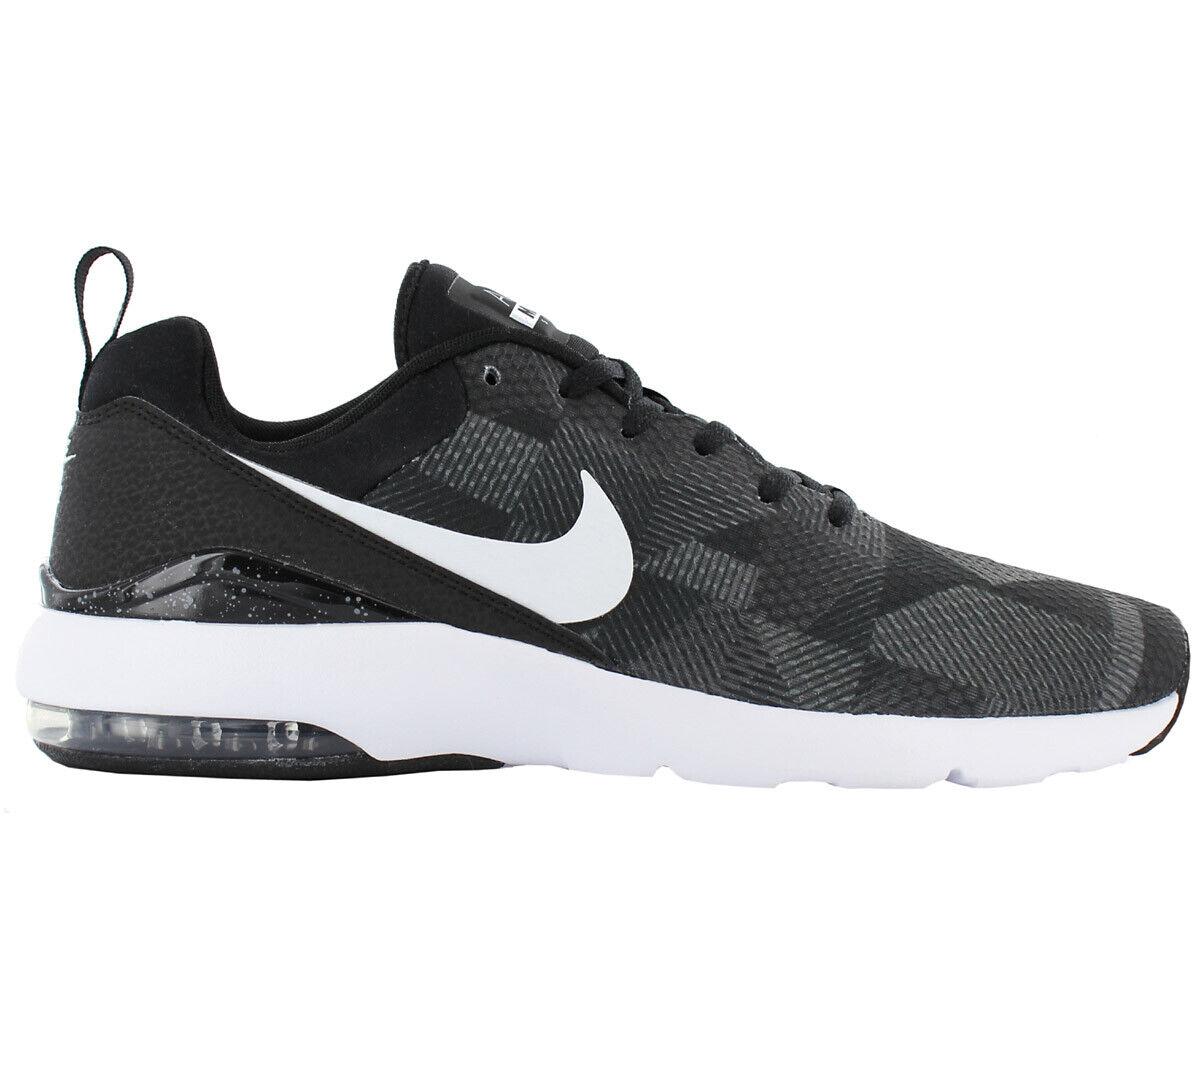 Nike air max sirena stampare le le le scarpe degli uomini 749815-010 scarpa nuova palestra ginnastica nero | Conosciuto per la sua bellissima qualità  | Uomini/Donna Scarpa  9cbf55